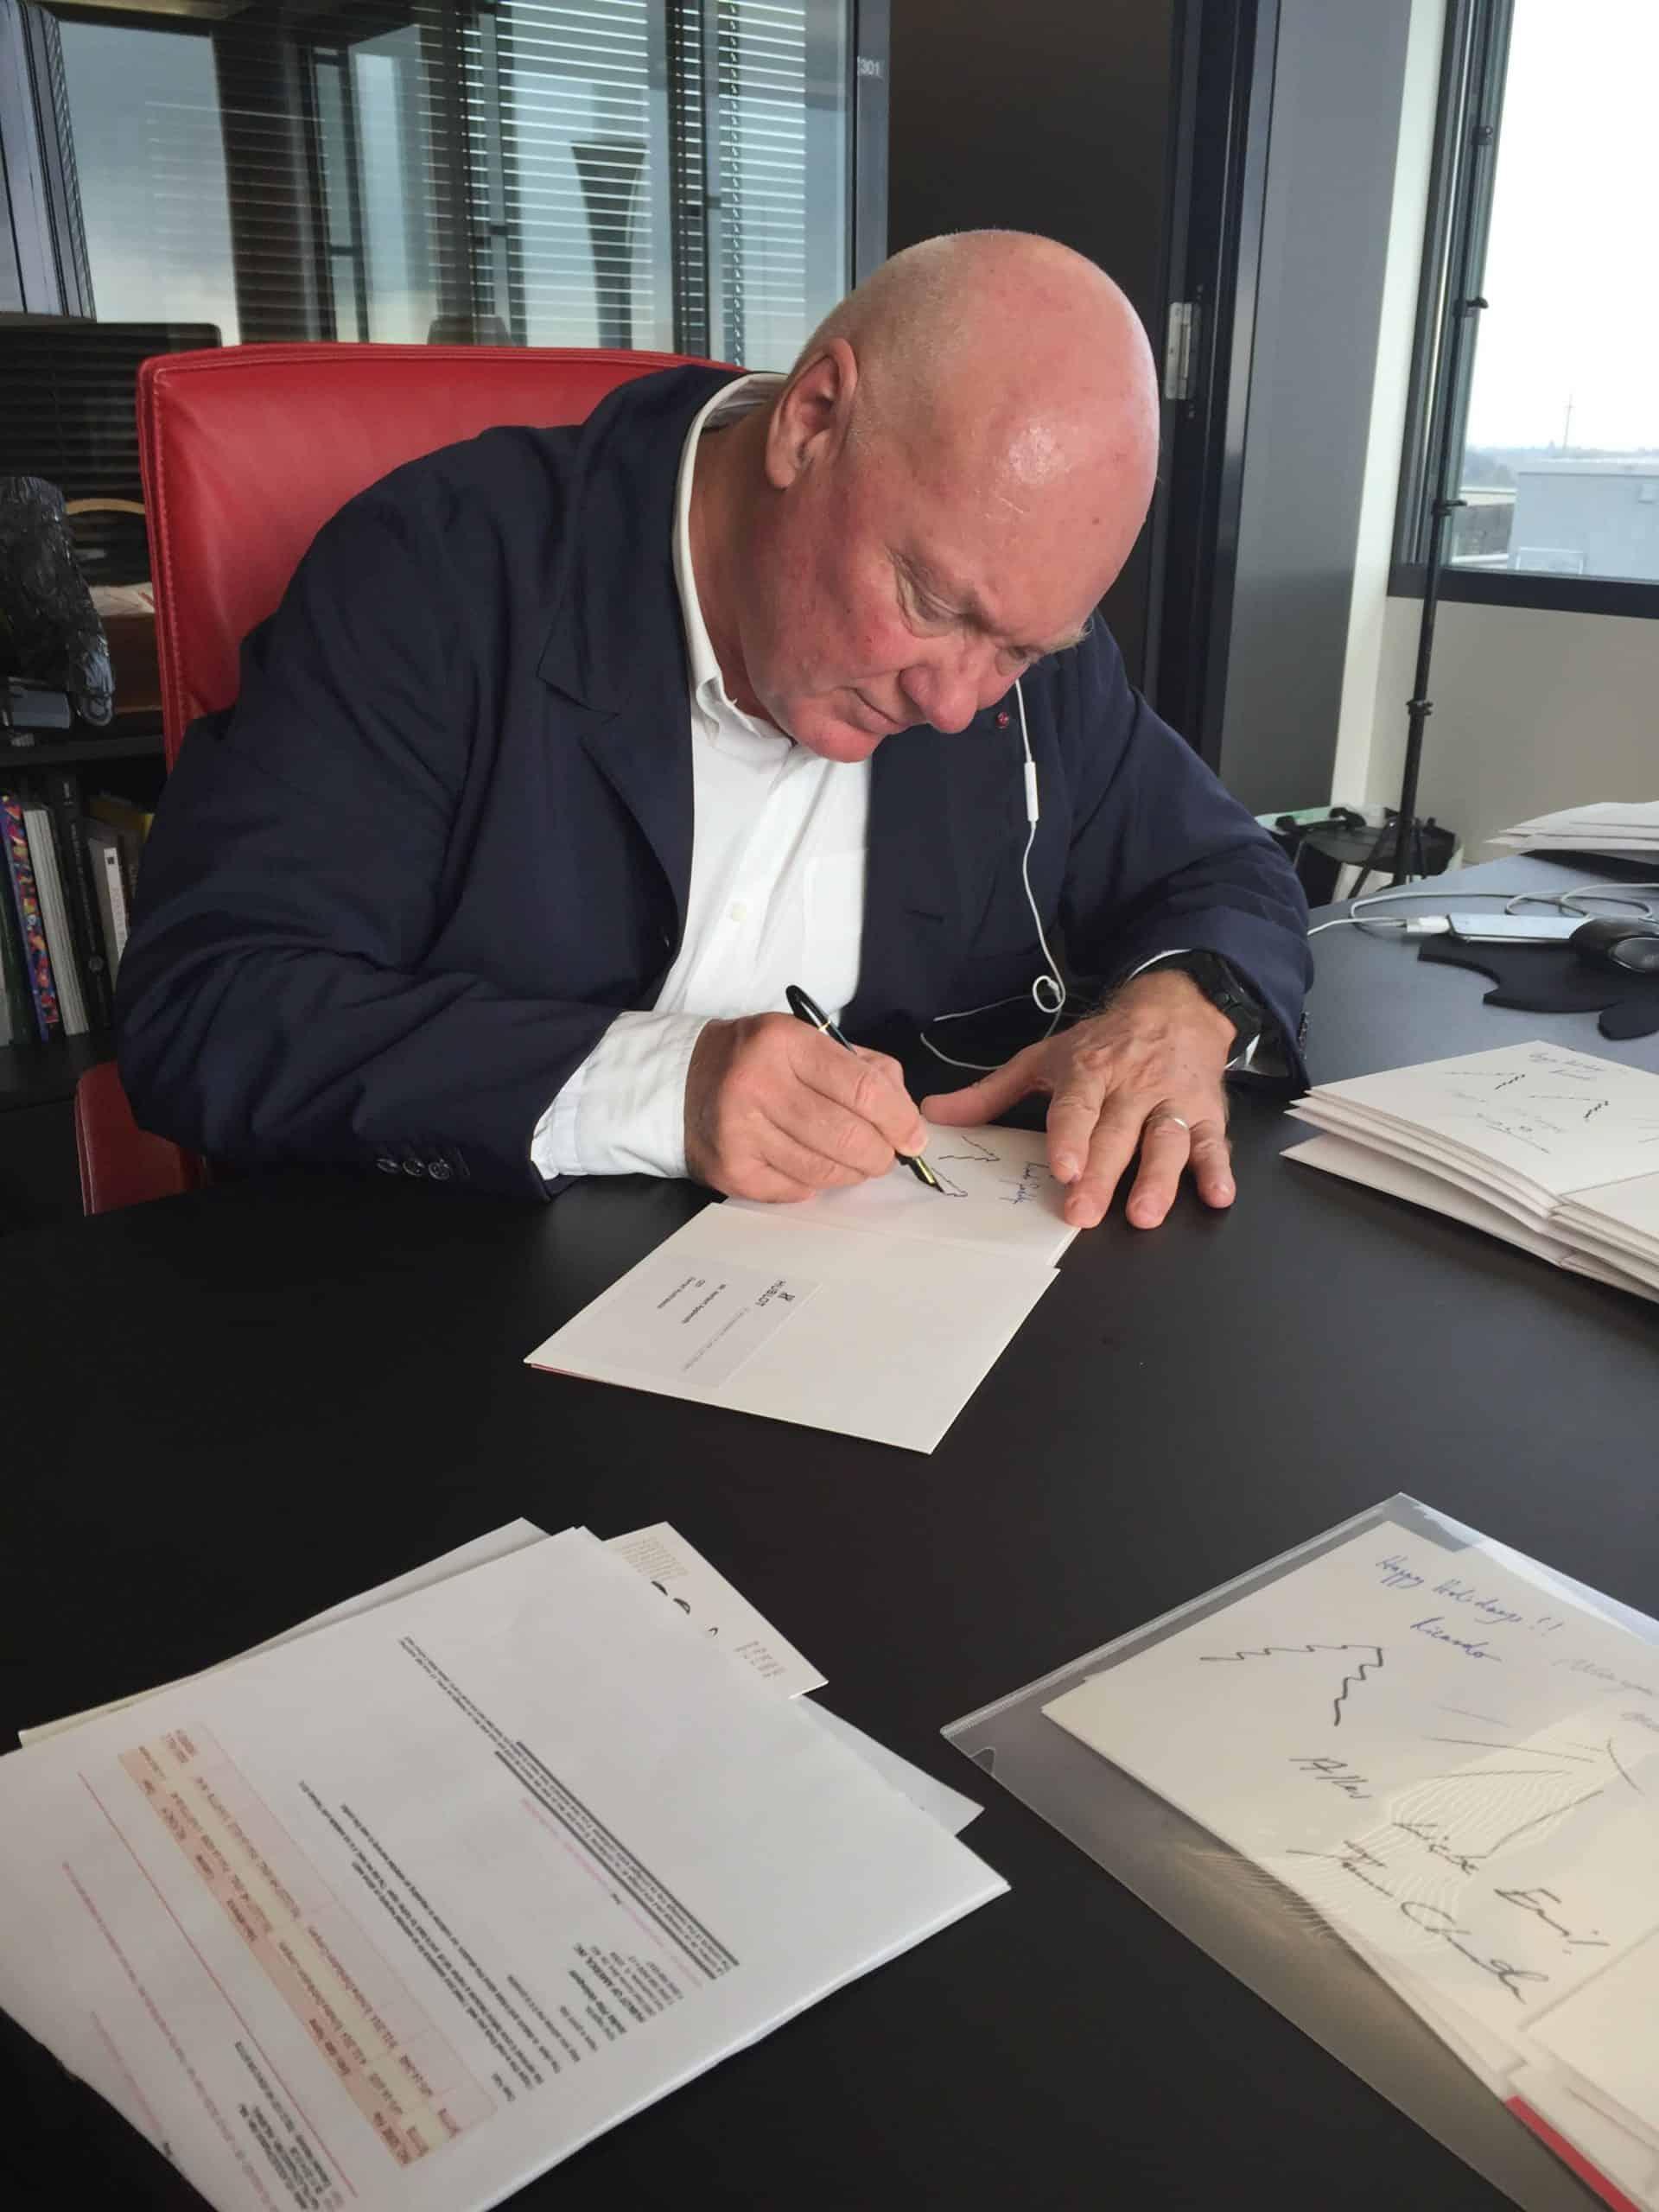 Der damalige CEO Jean-Claude Biver bei der Arbeit an seinem Schreibtisch